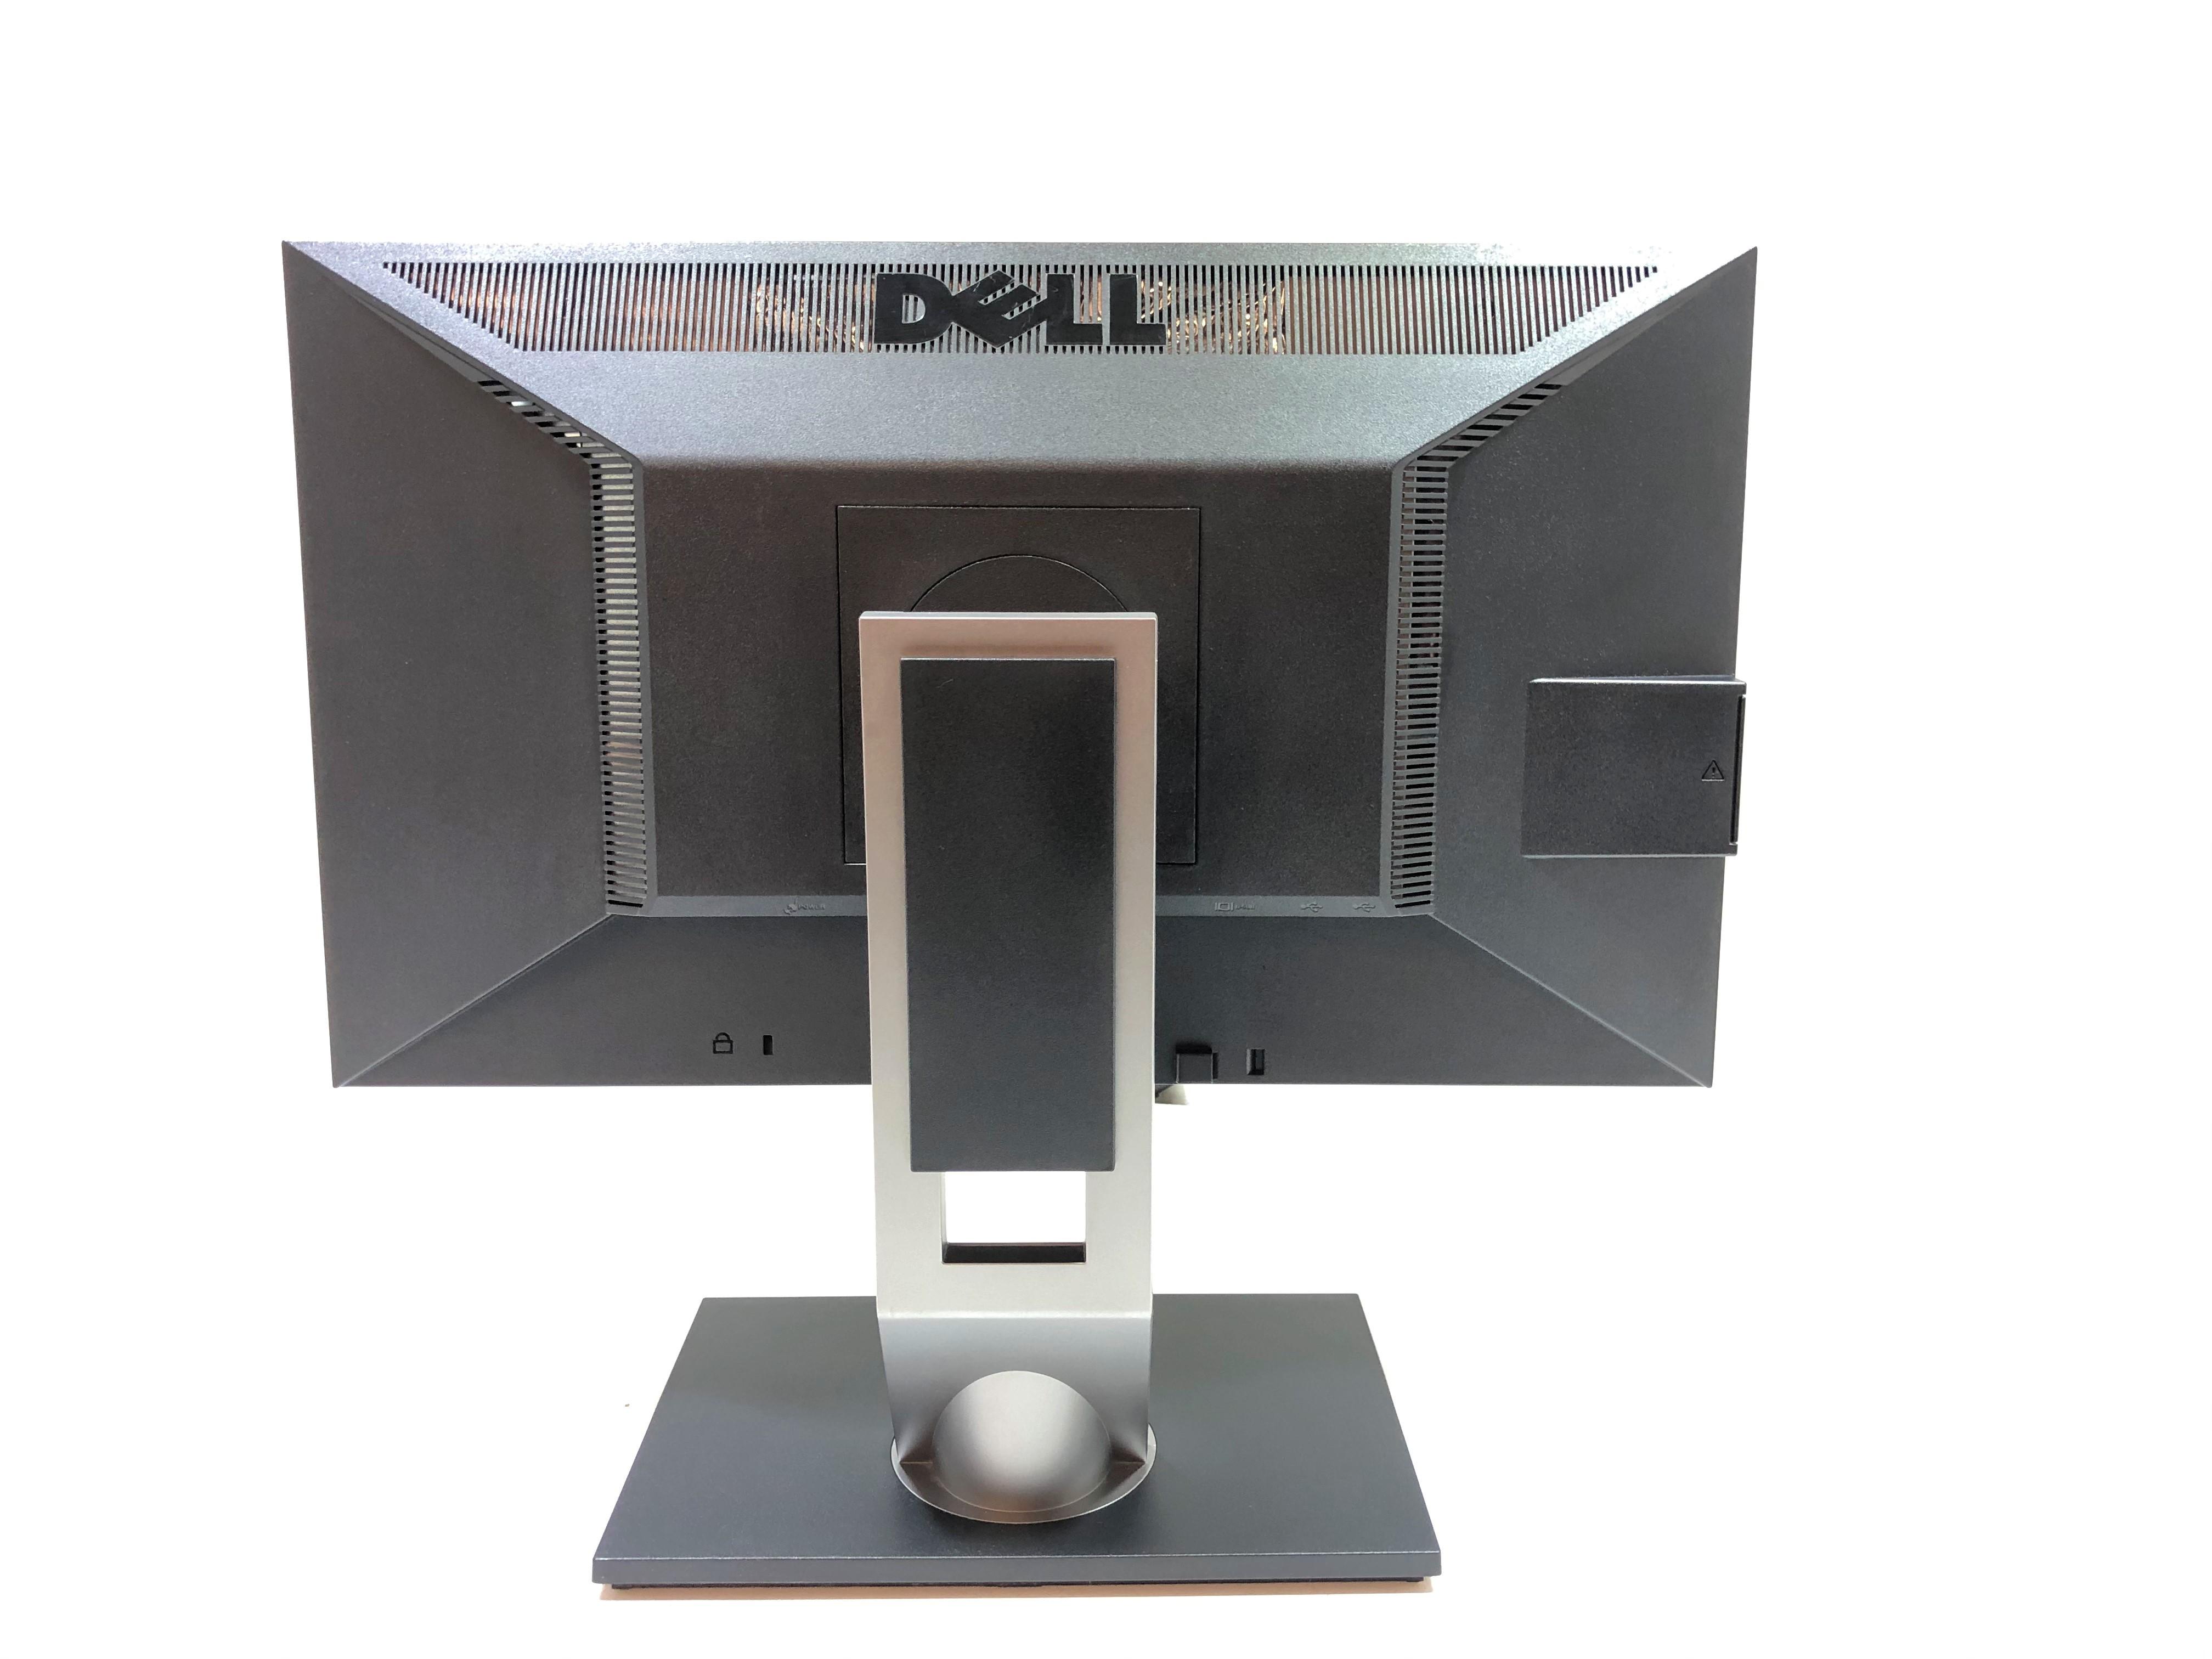 Dell P2210Hc No 4